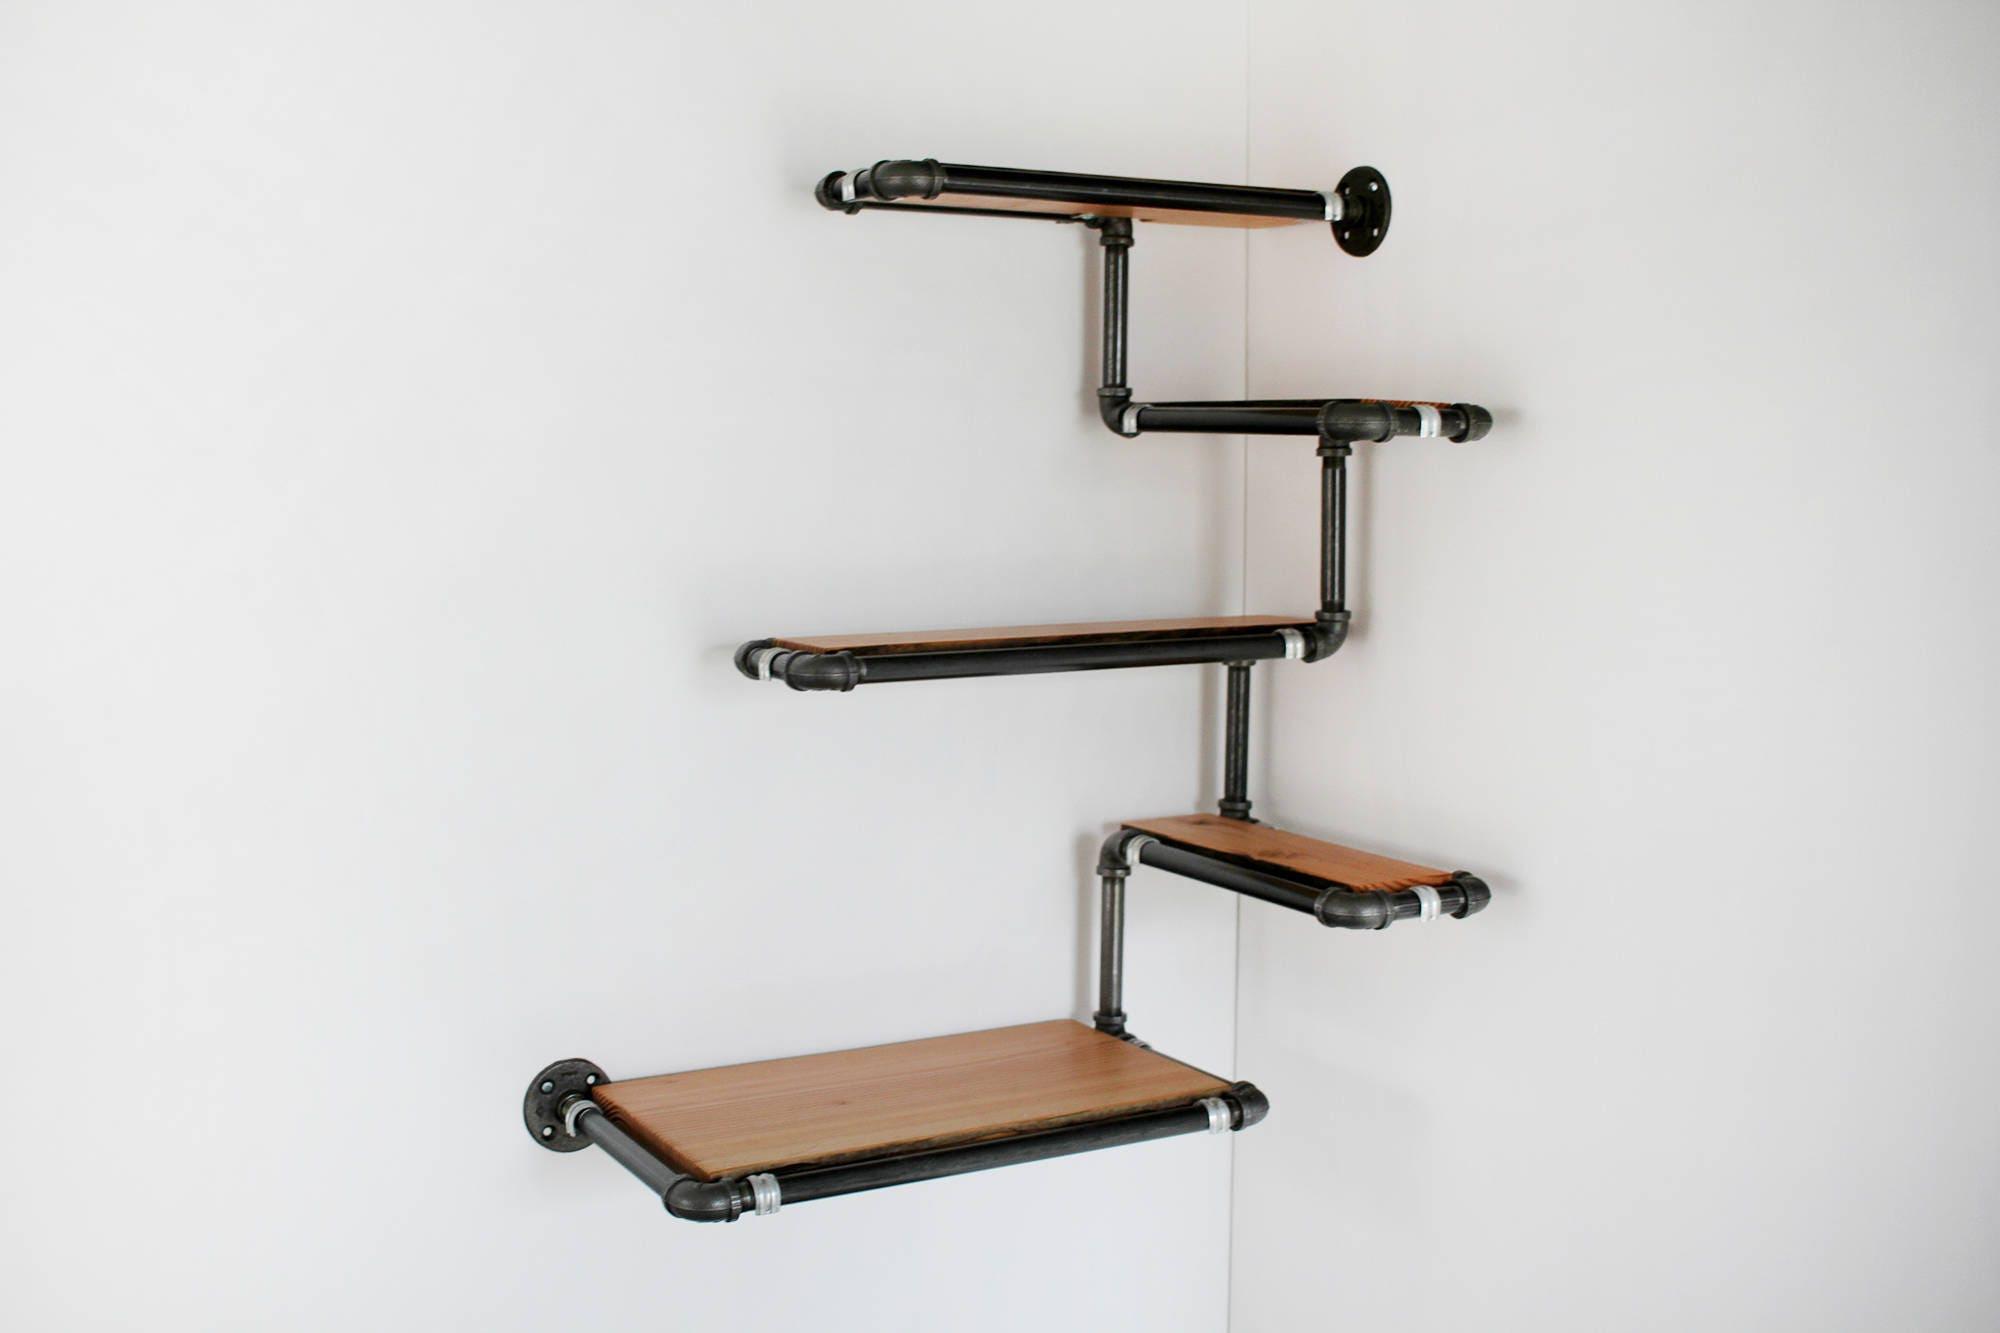 Rohr-Wandregal mit Altholz benutzerdefinierte Rohr Regale.